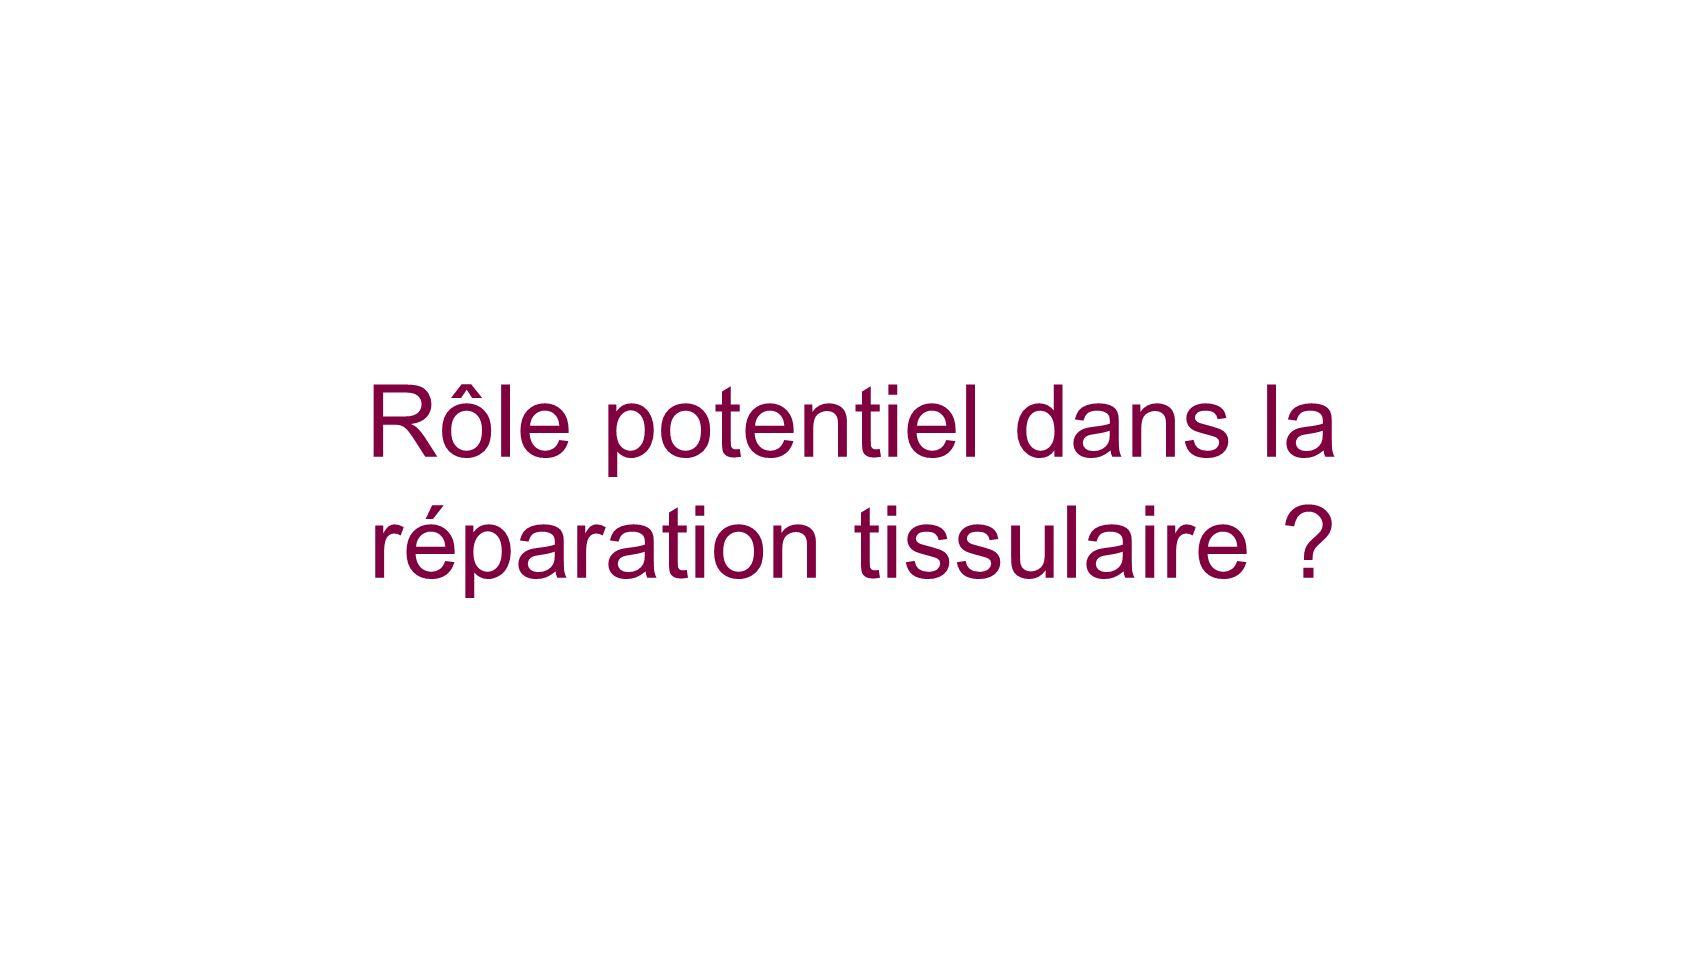 Rôle potentiel dans la réparation tissulaire ?